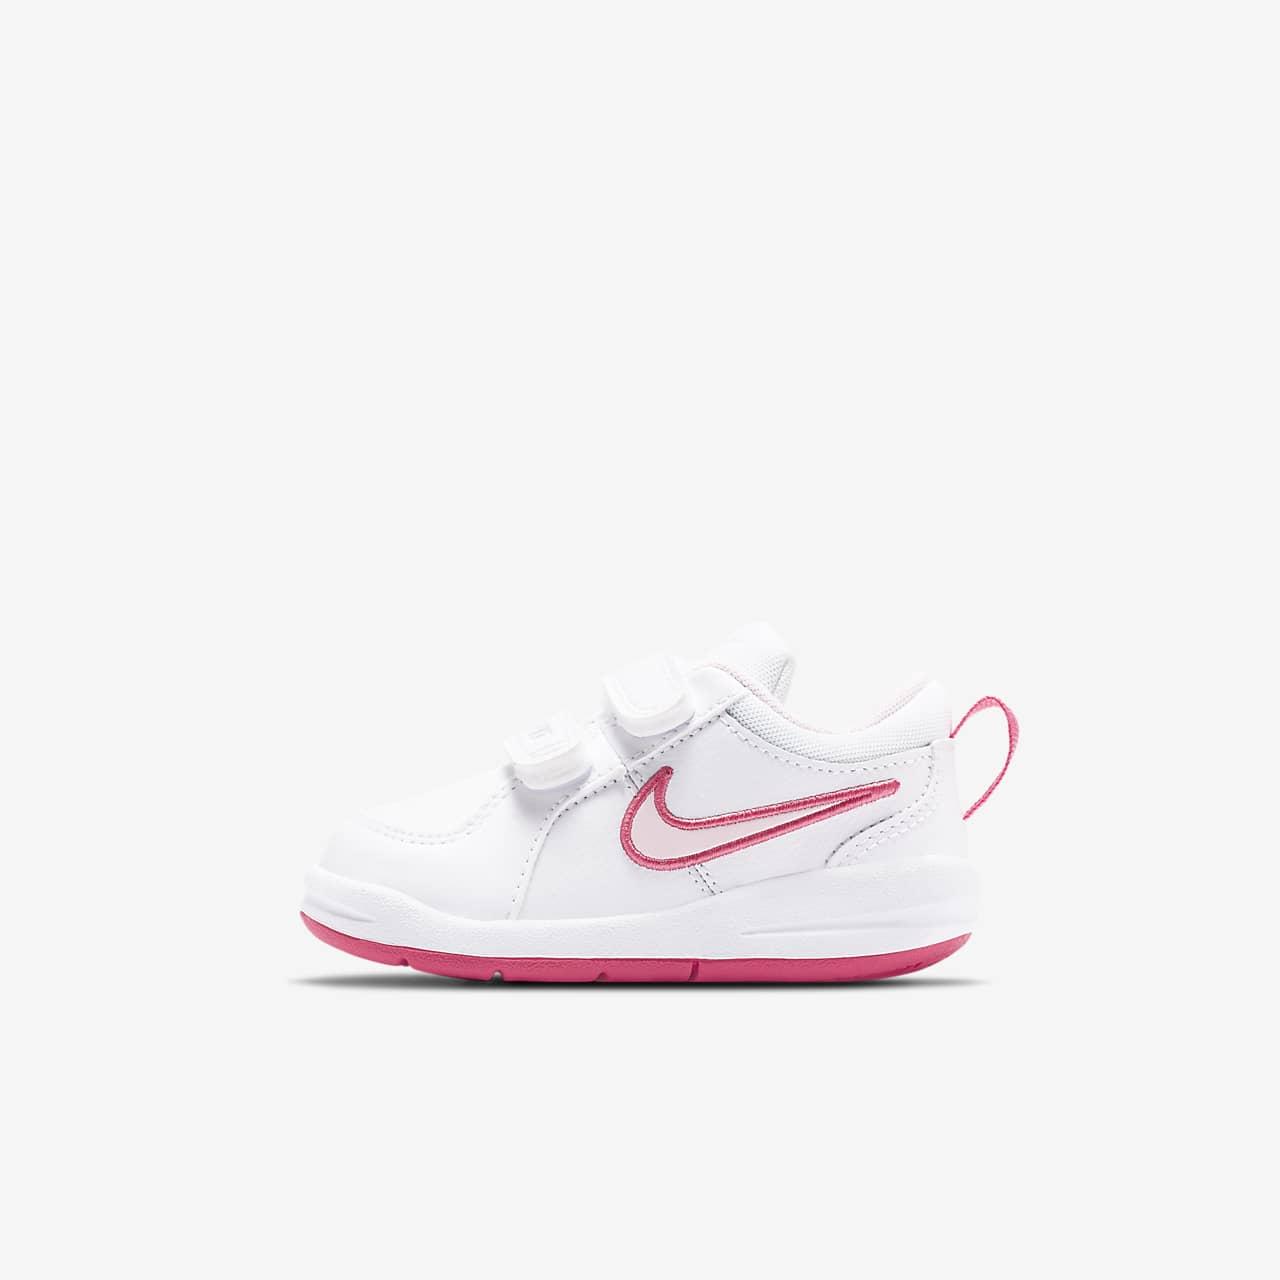 รองเท้าทารกและเด็กวัยหัดเดินหญิง Nike Pico 4 (2c-10c)